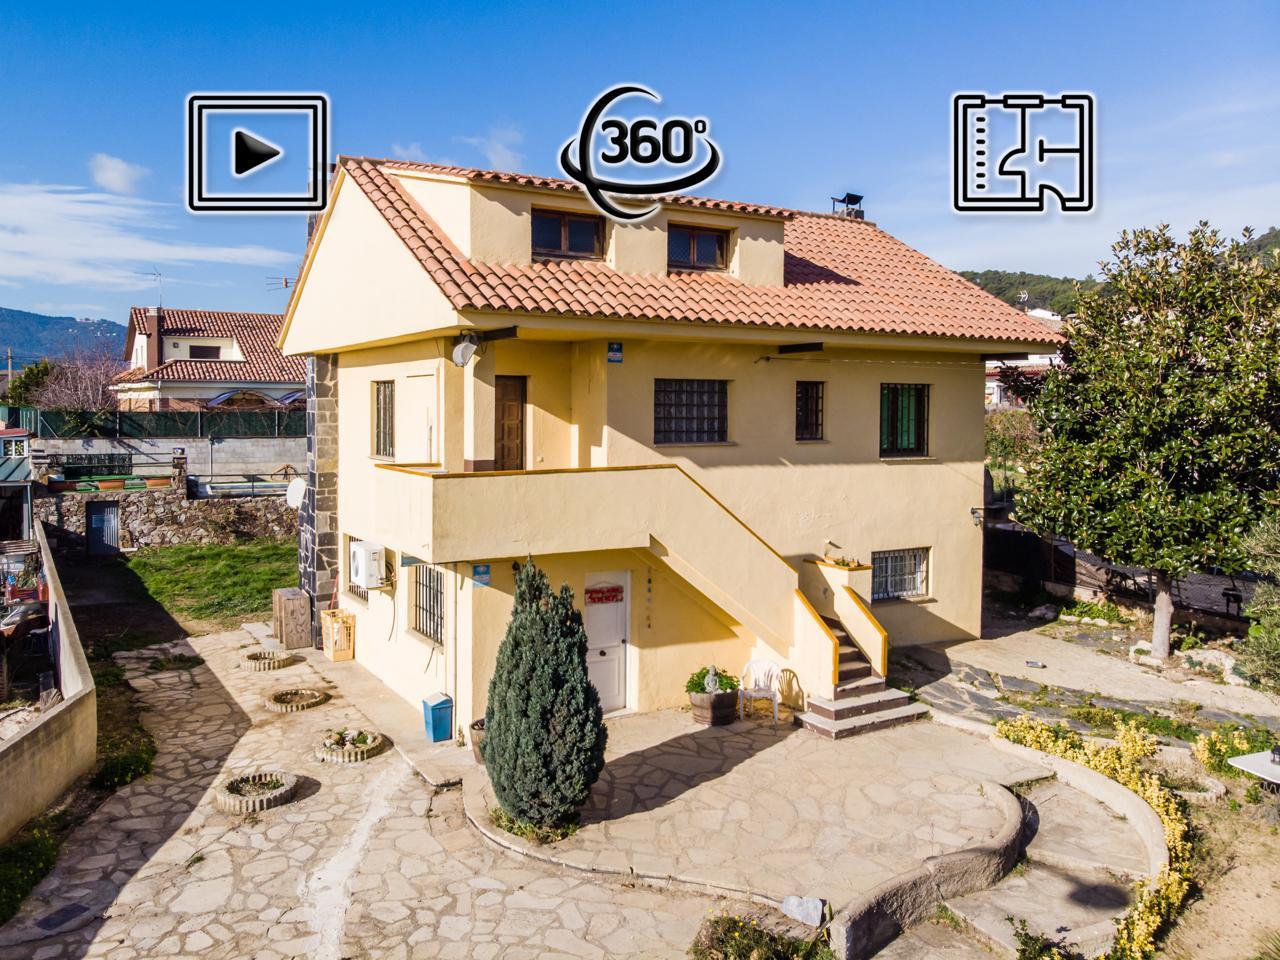 villa en bigues-i-riells · carrer-del-passerell-5-08415 239000€